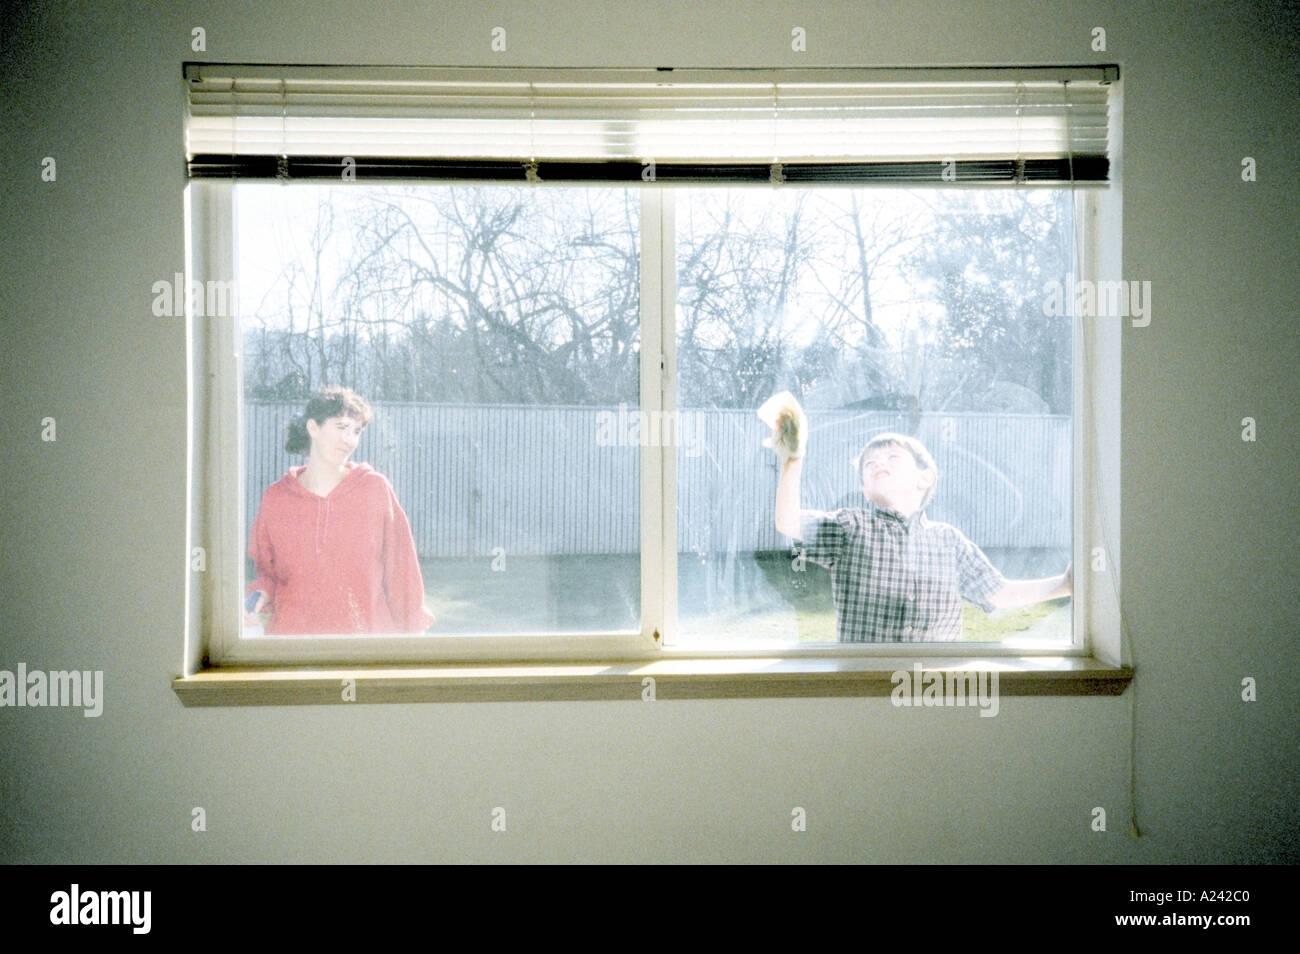 Mère regardant fils fenêtre lavage Vue de l'intérieur chambre Photo Stock